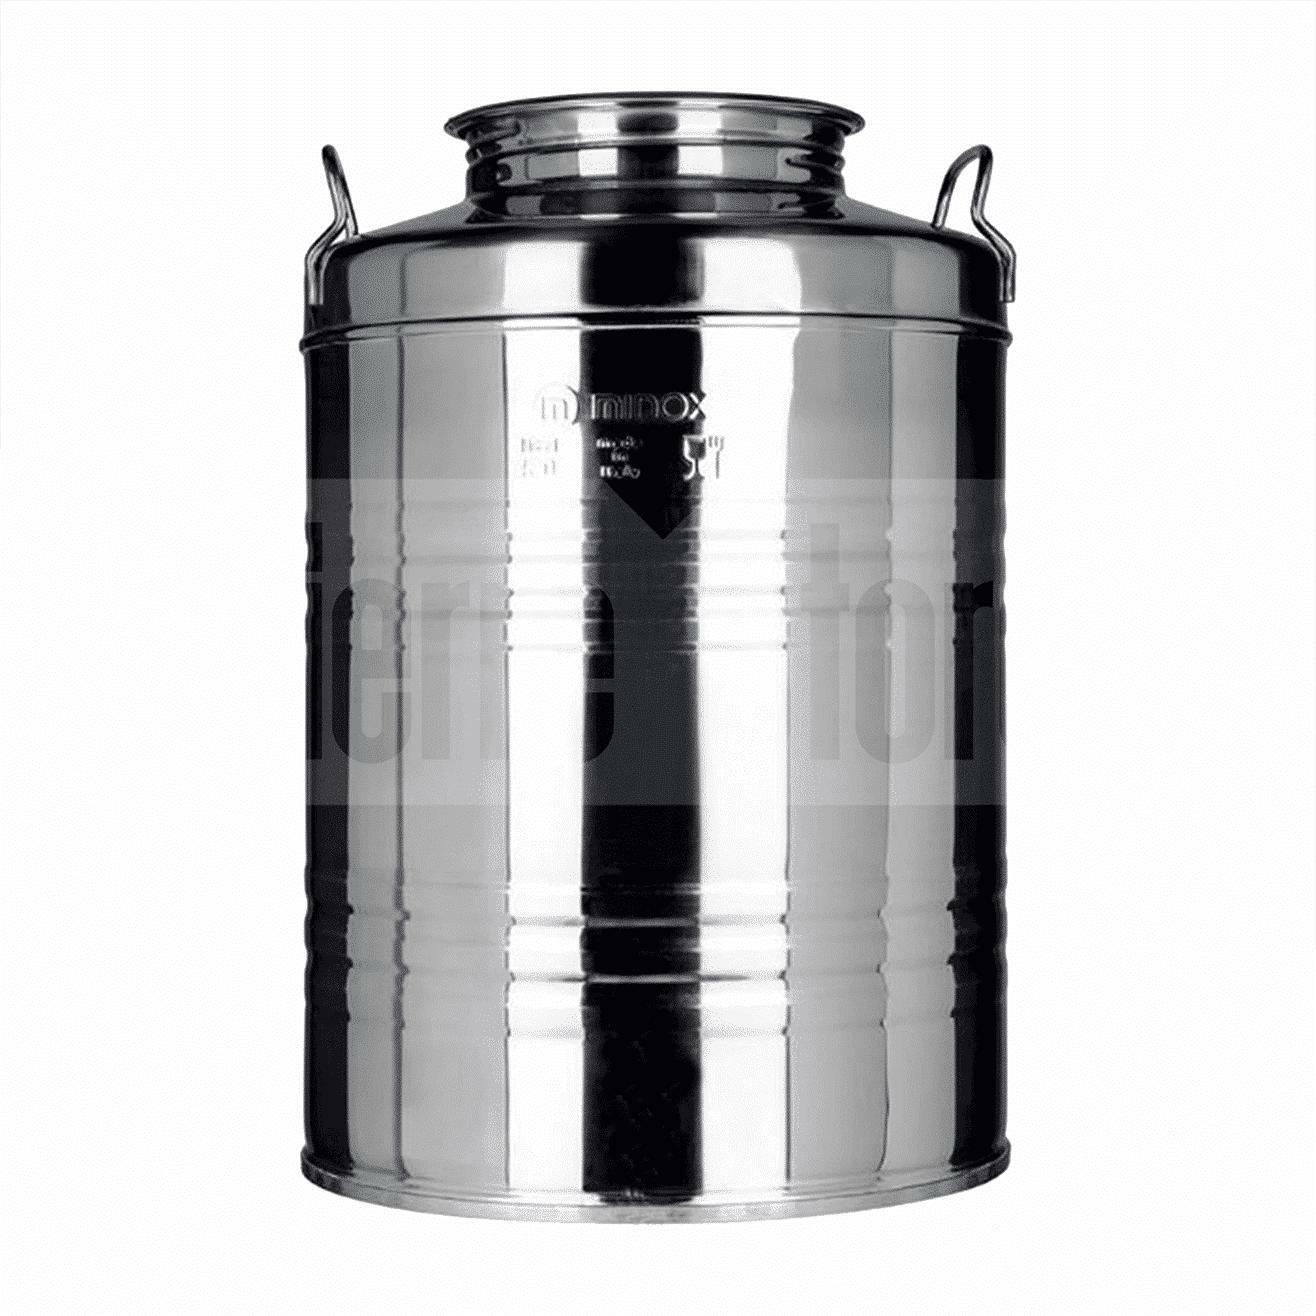 minox contenitore in acciaio inox 18/10 per olio 20 litri graffato